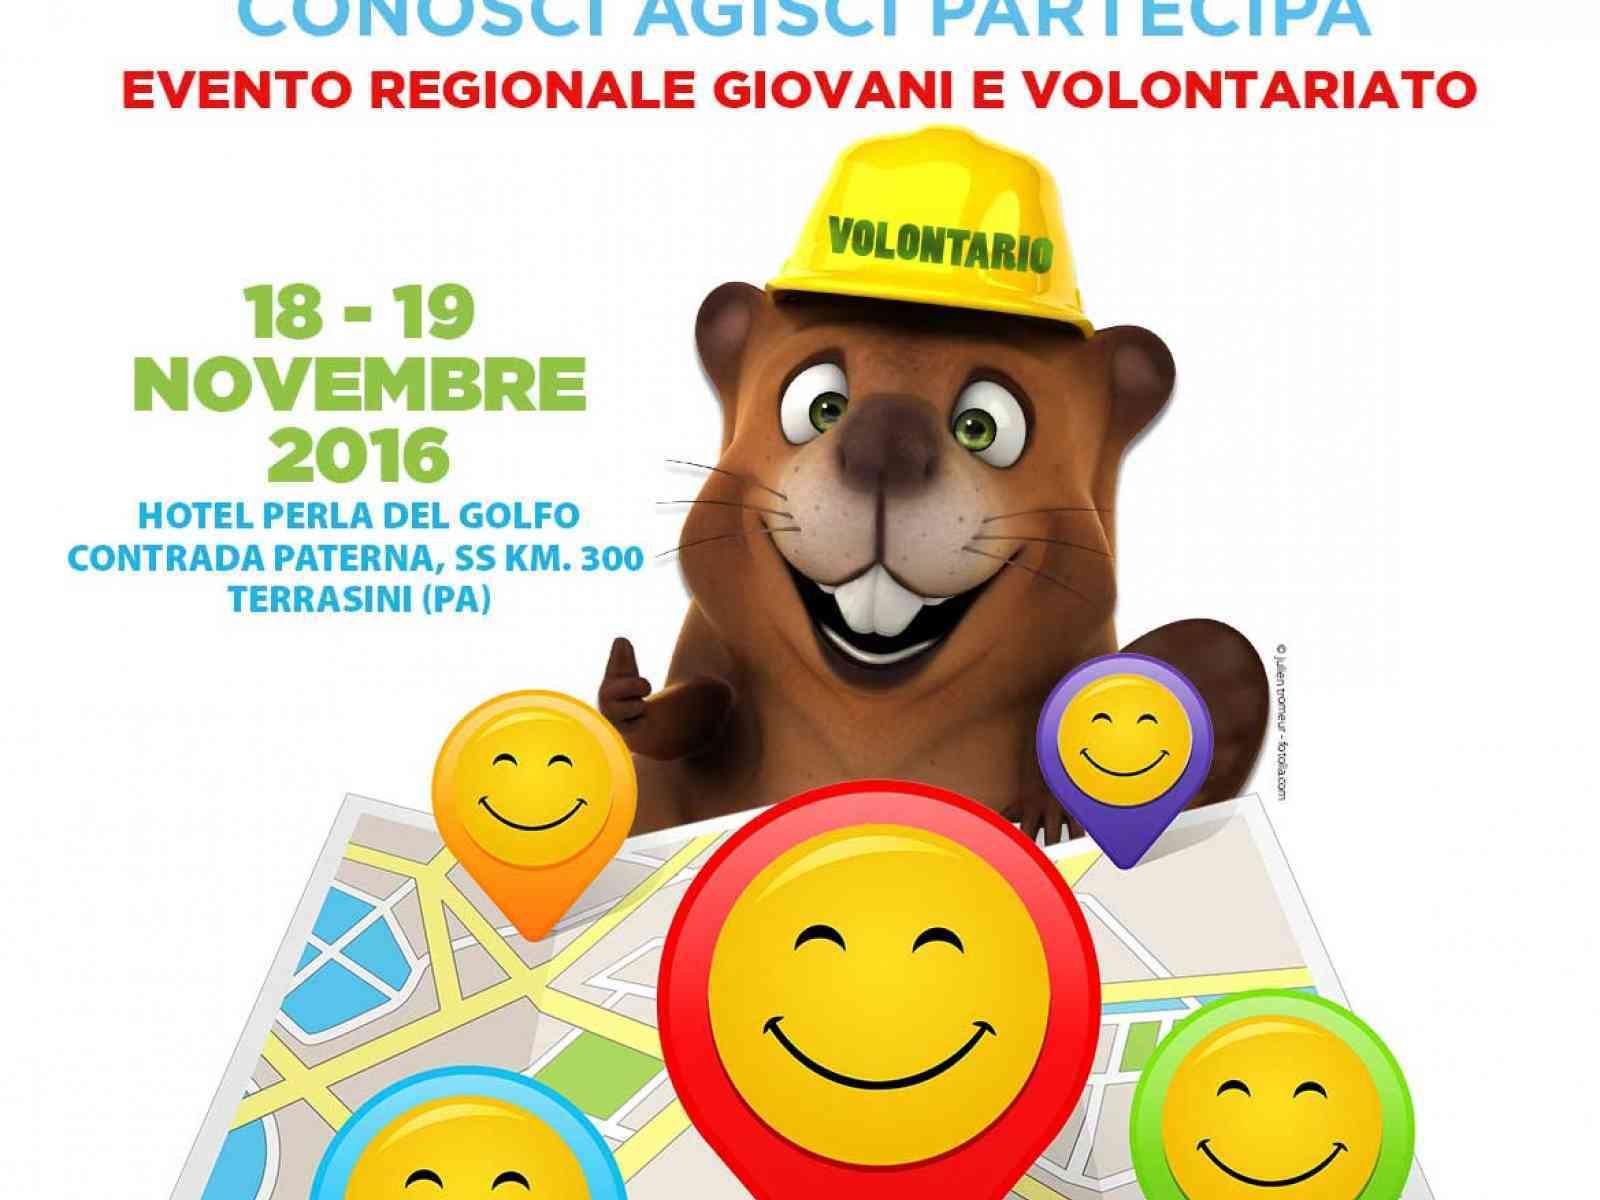 """""""Villaggio dei Beni Comuni. Conosci Agisci Partecipa"""". Evento giovani e volontariato"""